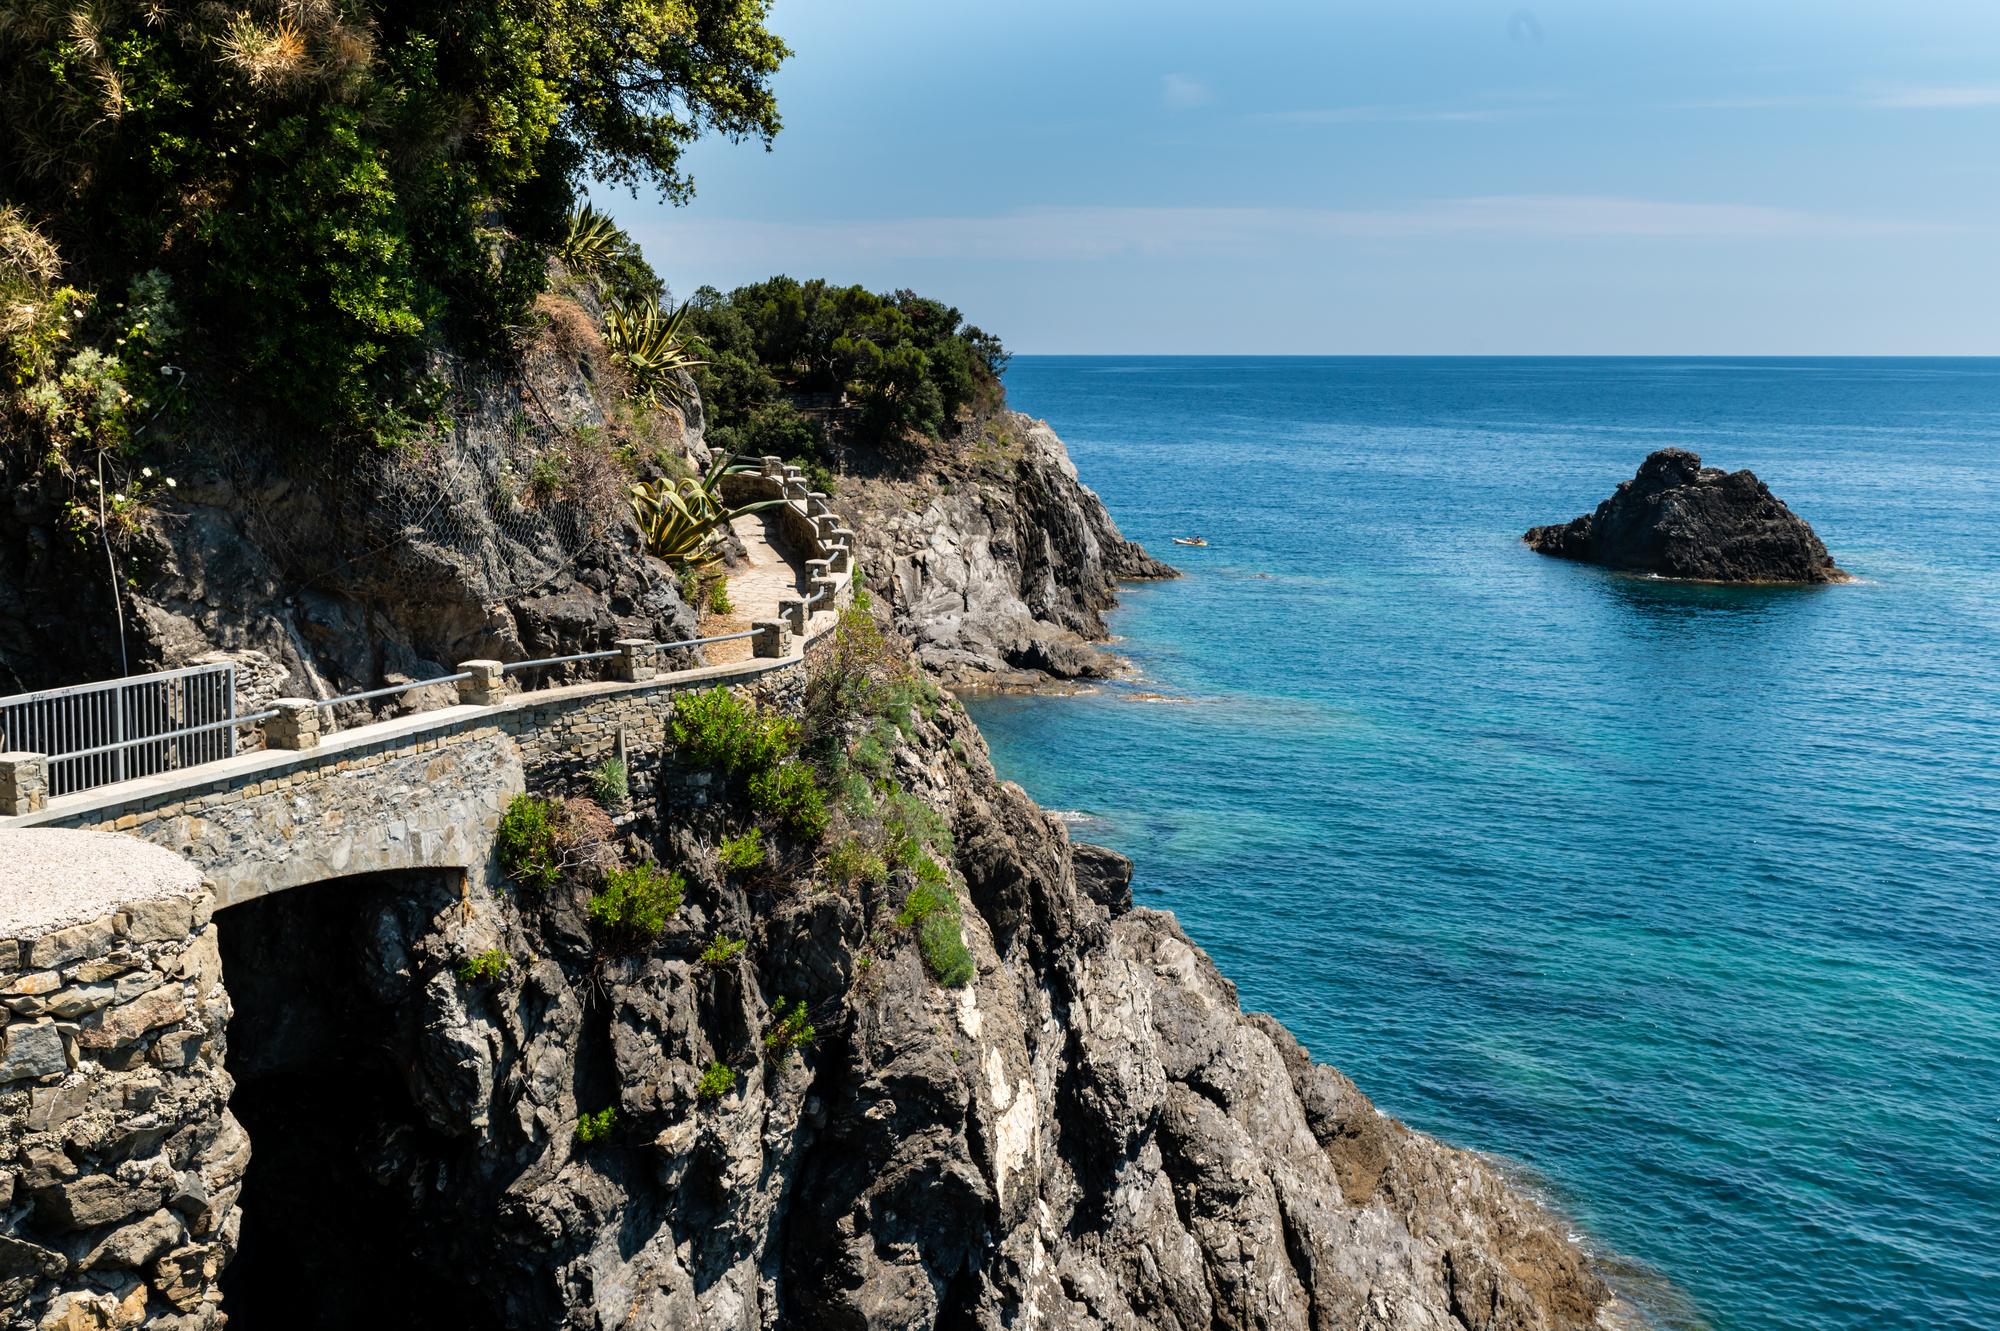 Italian Riviera experience